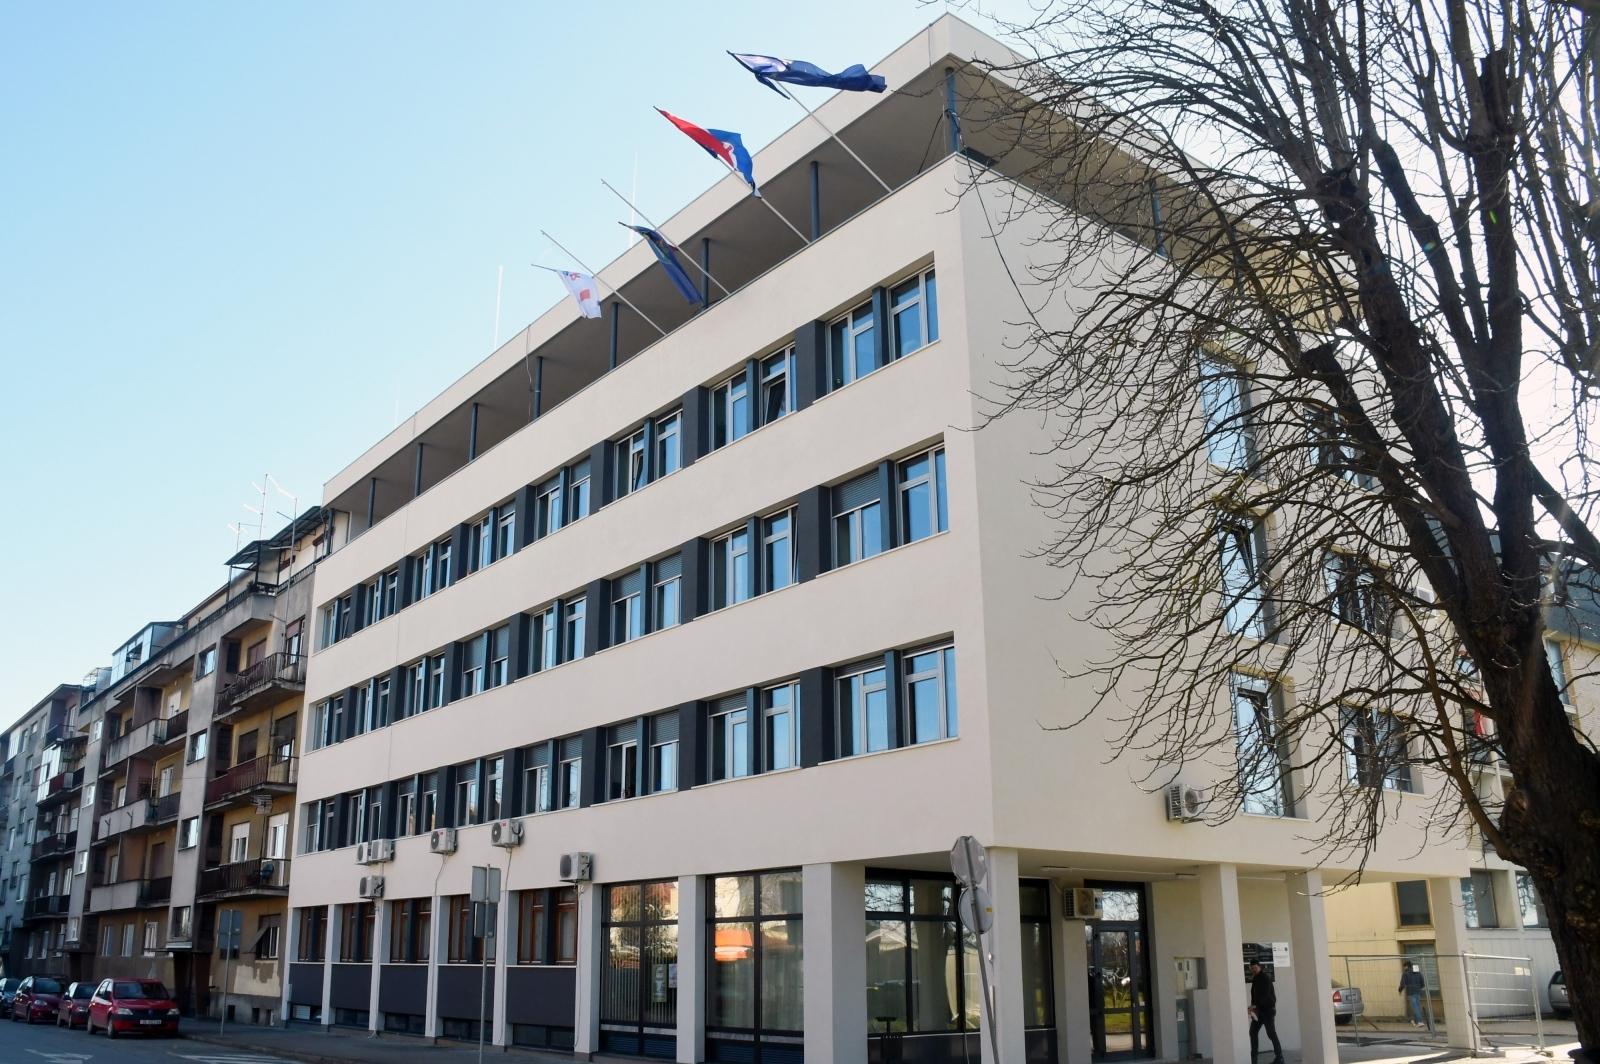 Sjedište Sisačko-moslavačke županije zasjalo u novom ruhu